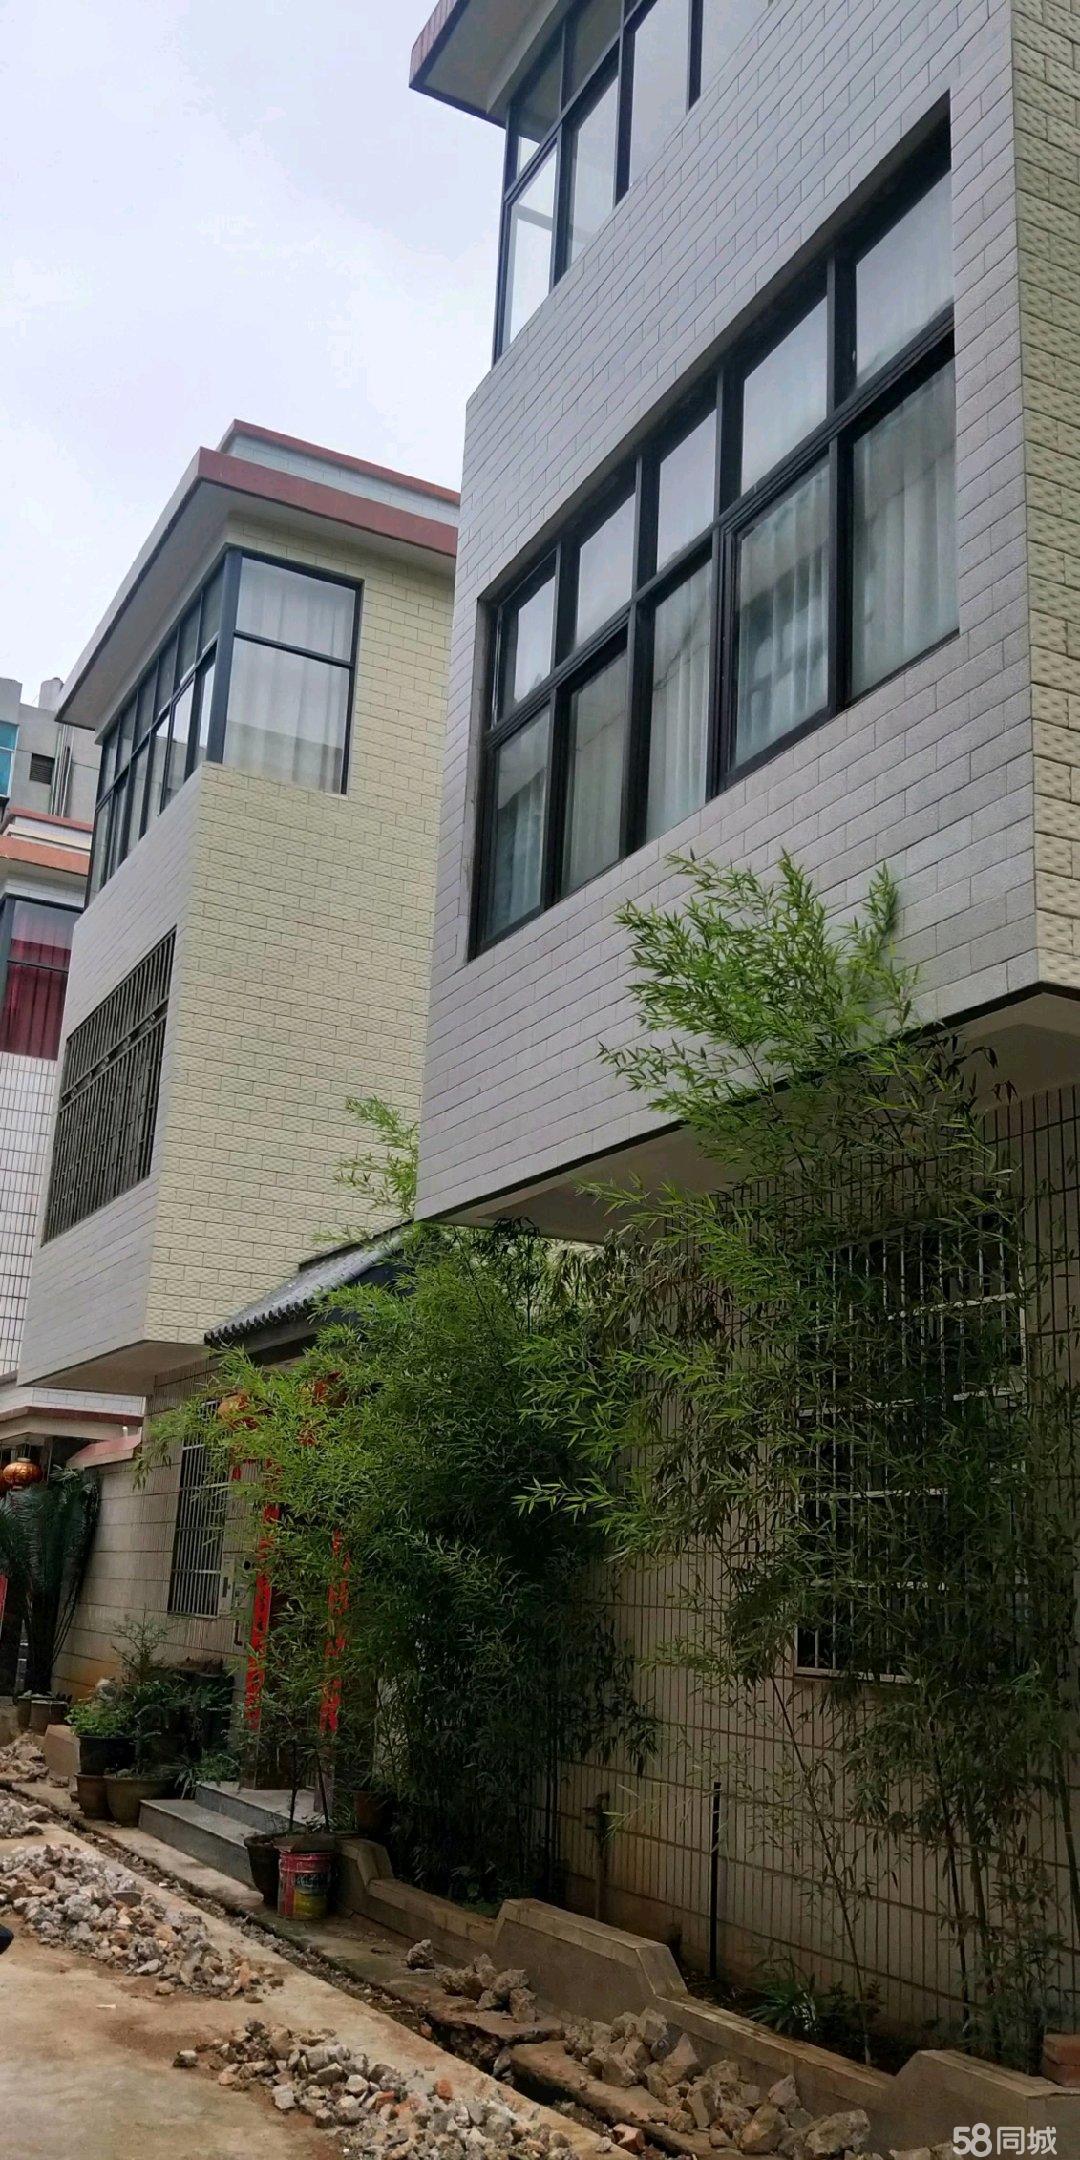 庭院房出售性价比高位置好